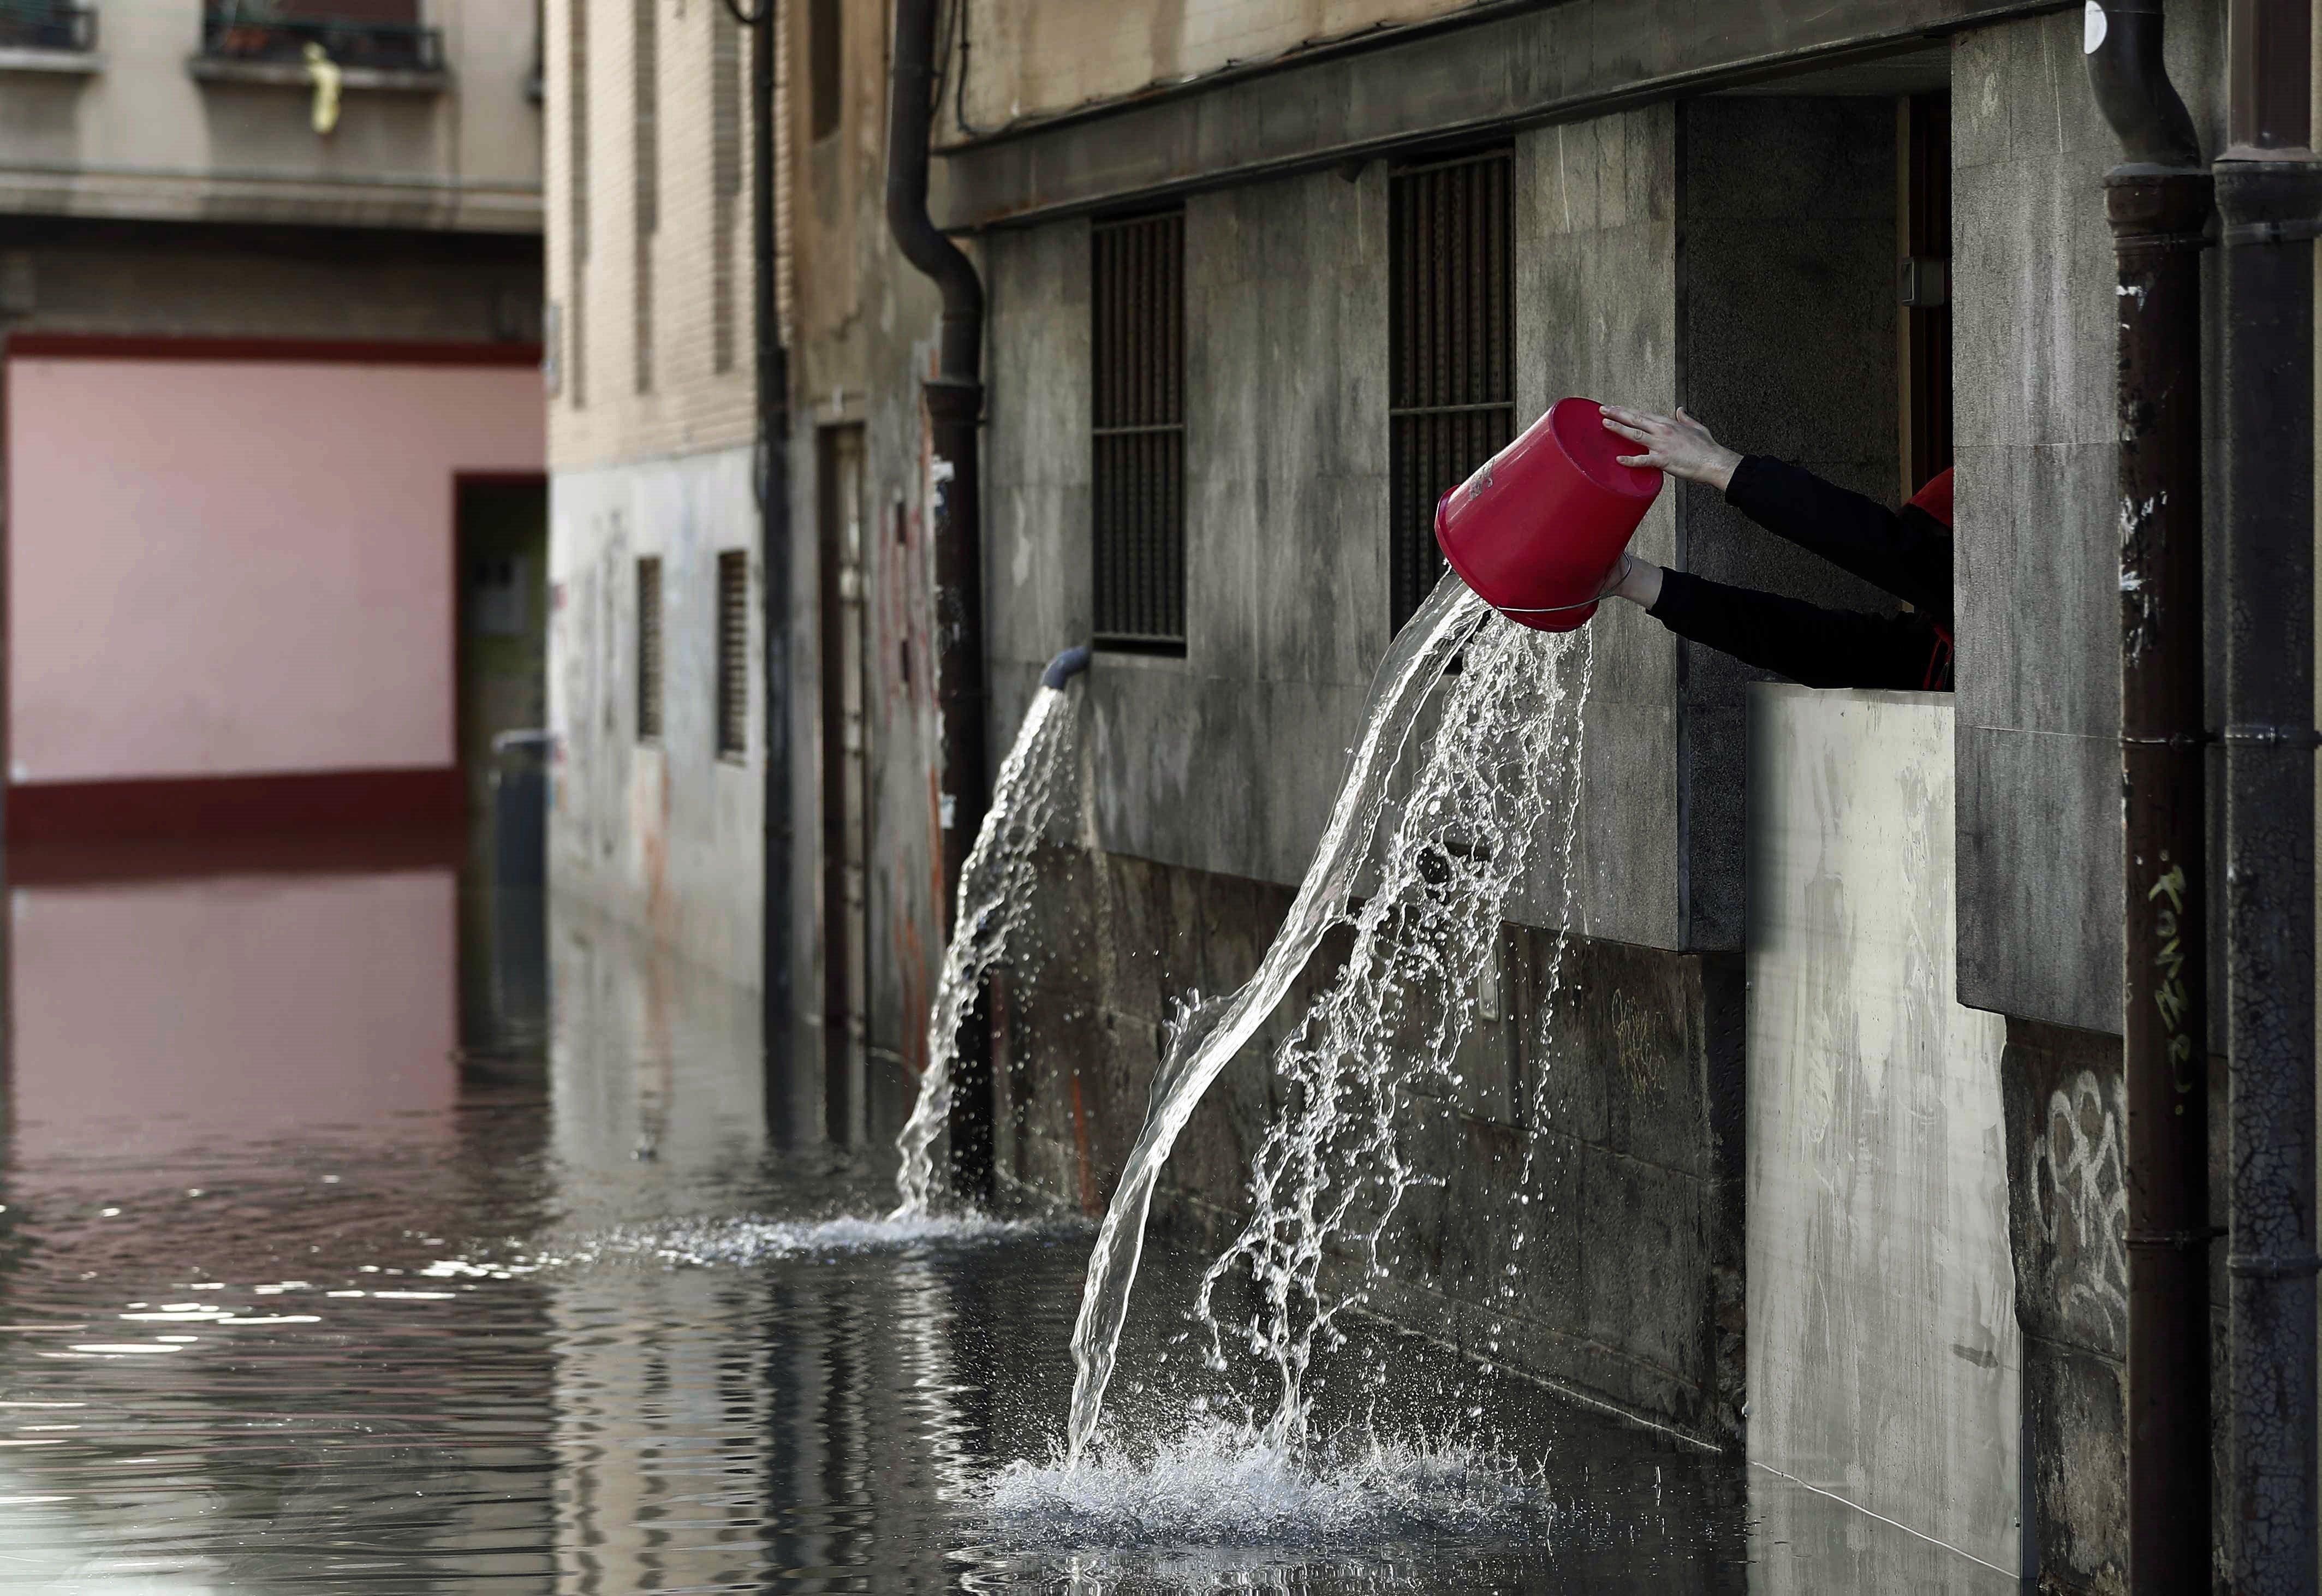 Una persona aboca l'aigua recollida que ha entrat a les cuines d'un restaurant de Tudela, després de la inundació que ha sofert el centre històric per la crescuda del riu Ebre. L'alerta per inundacions es manté encara a Navarra. /JESÚS DIGES